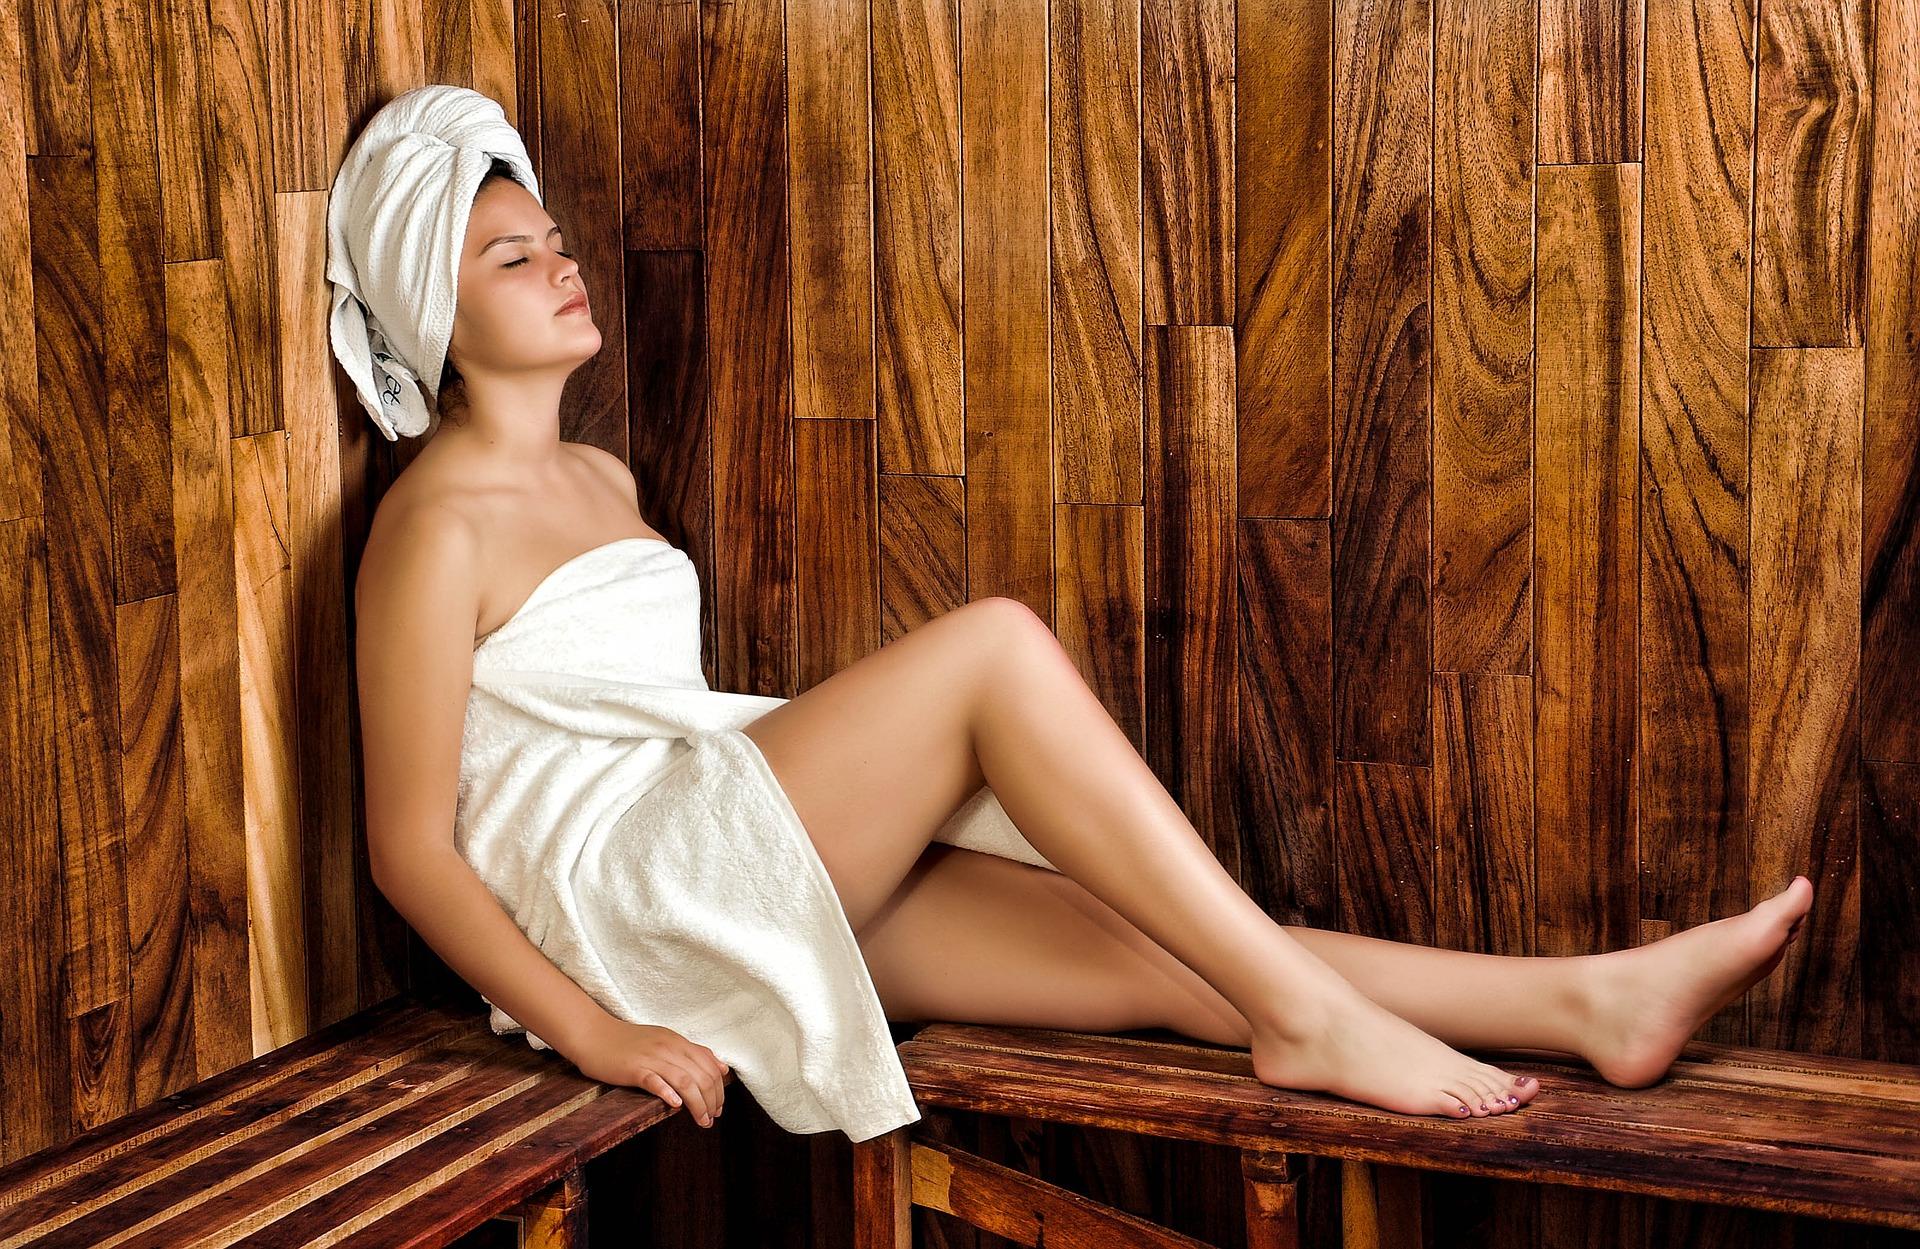 Vorteile-am-Geburtstag-Bild-Sauna